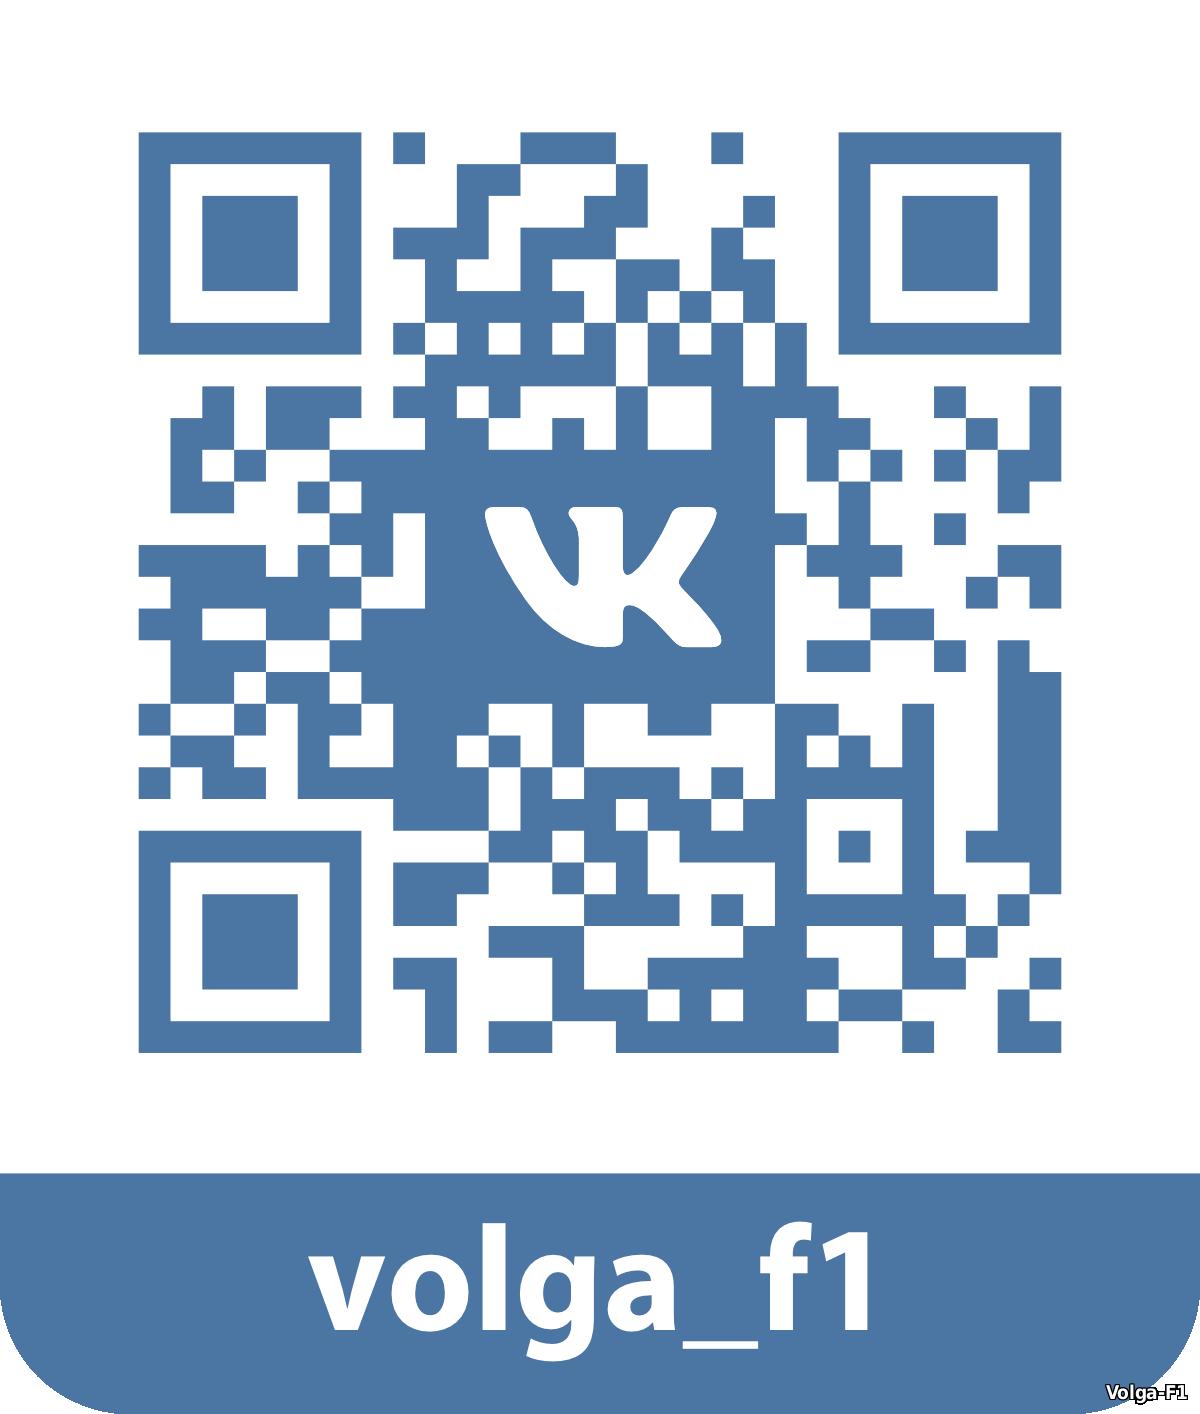 Volga-f1 в Контакте